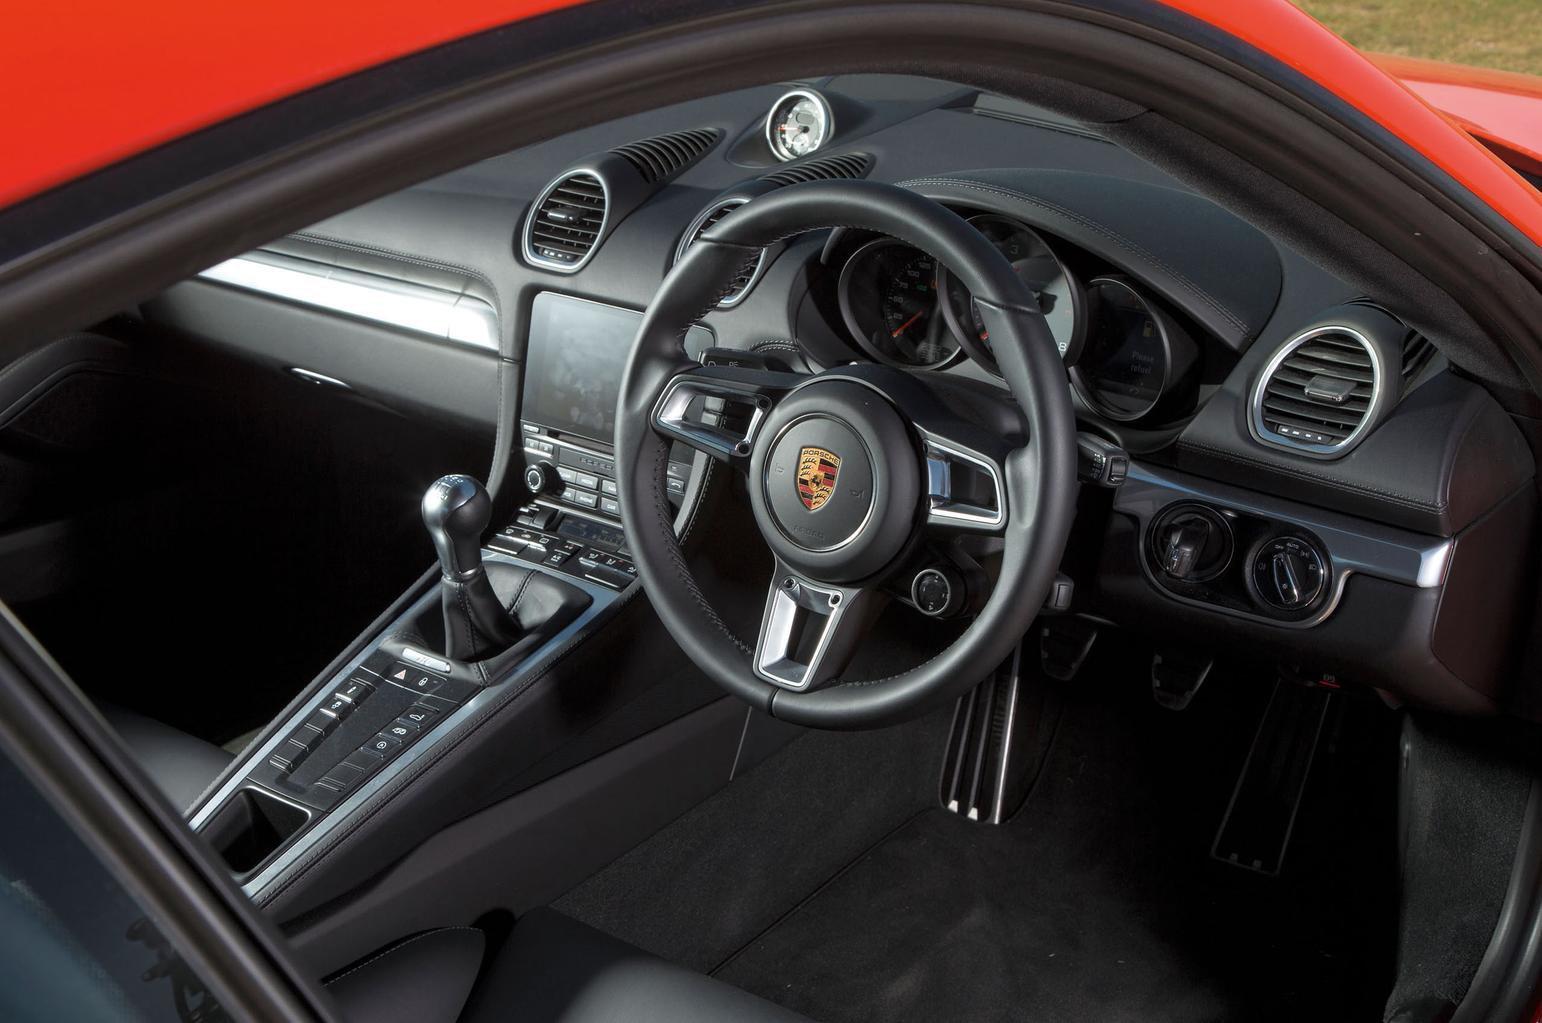 BMW M2 vs Jaguar F-type vs Porsche 718 Cayman S